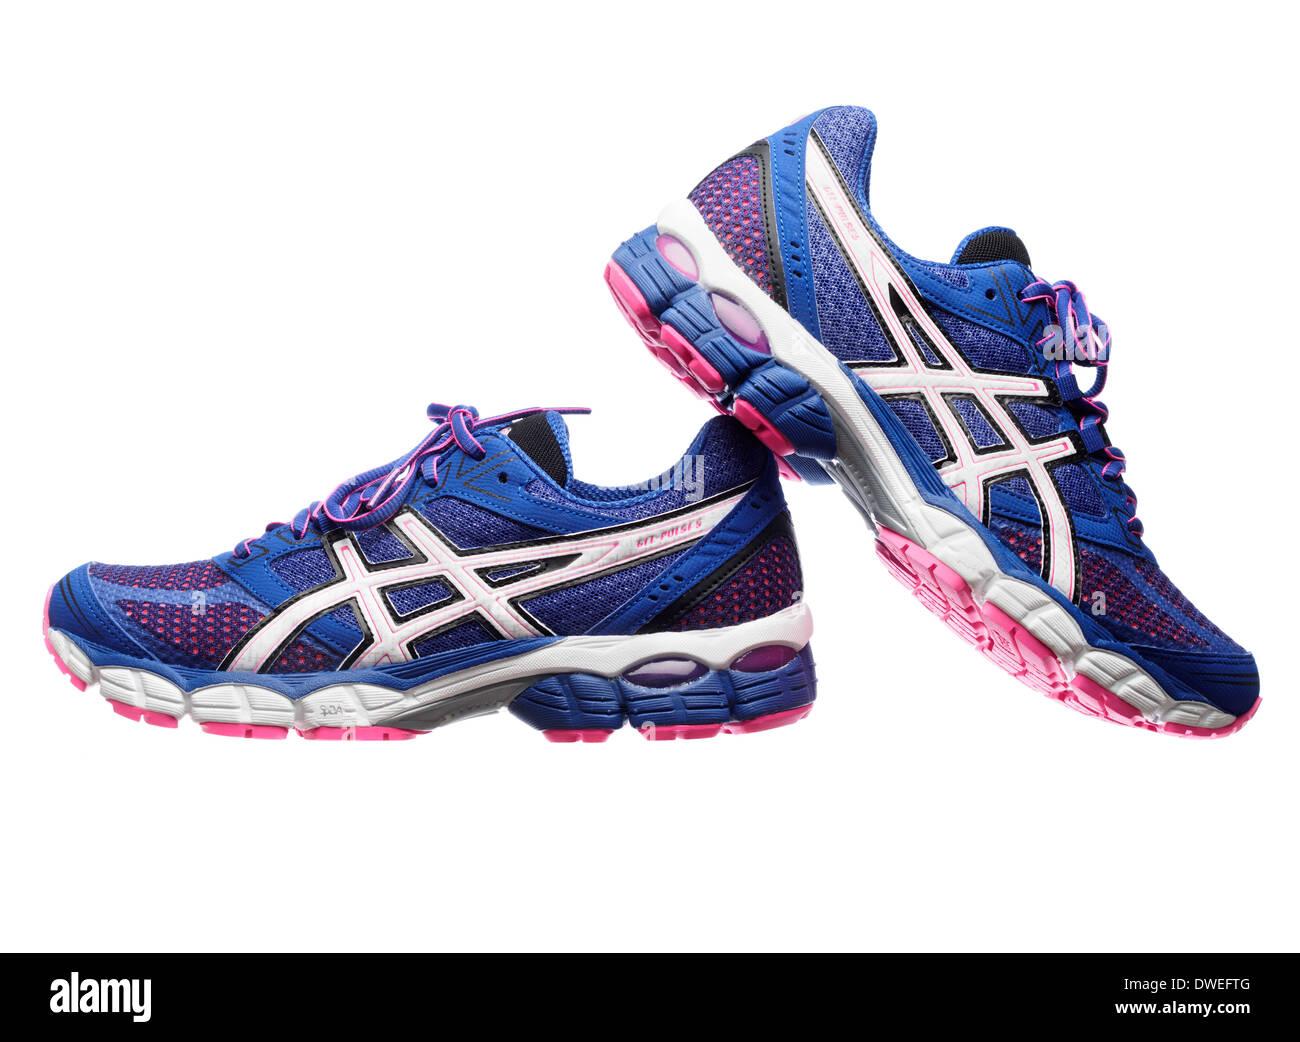 Blue Pink Asics Gel Pulse Stockfotos und bilder Kaufen Alamy